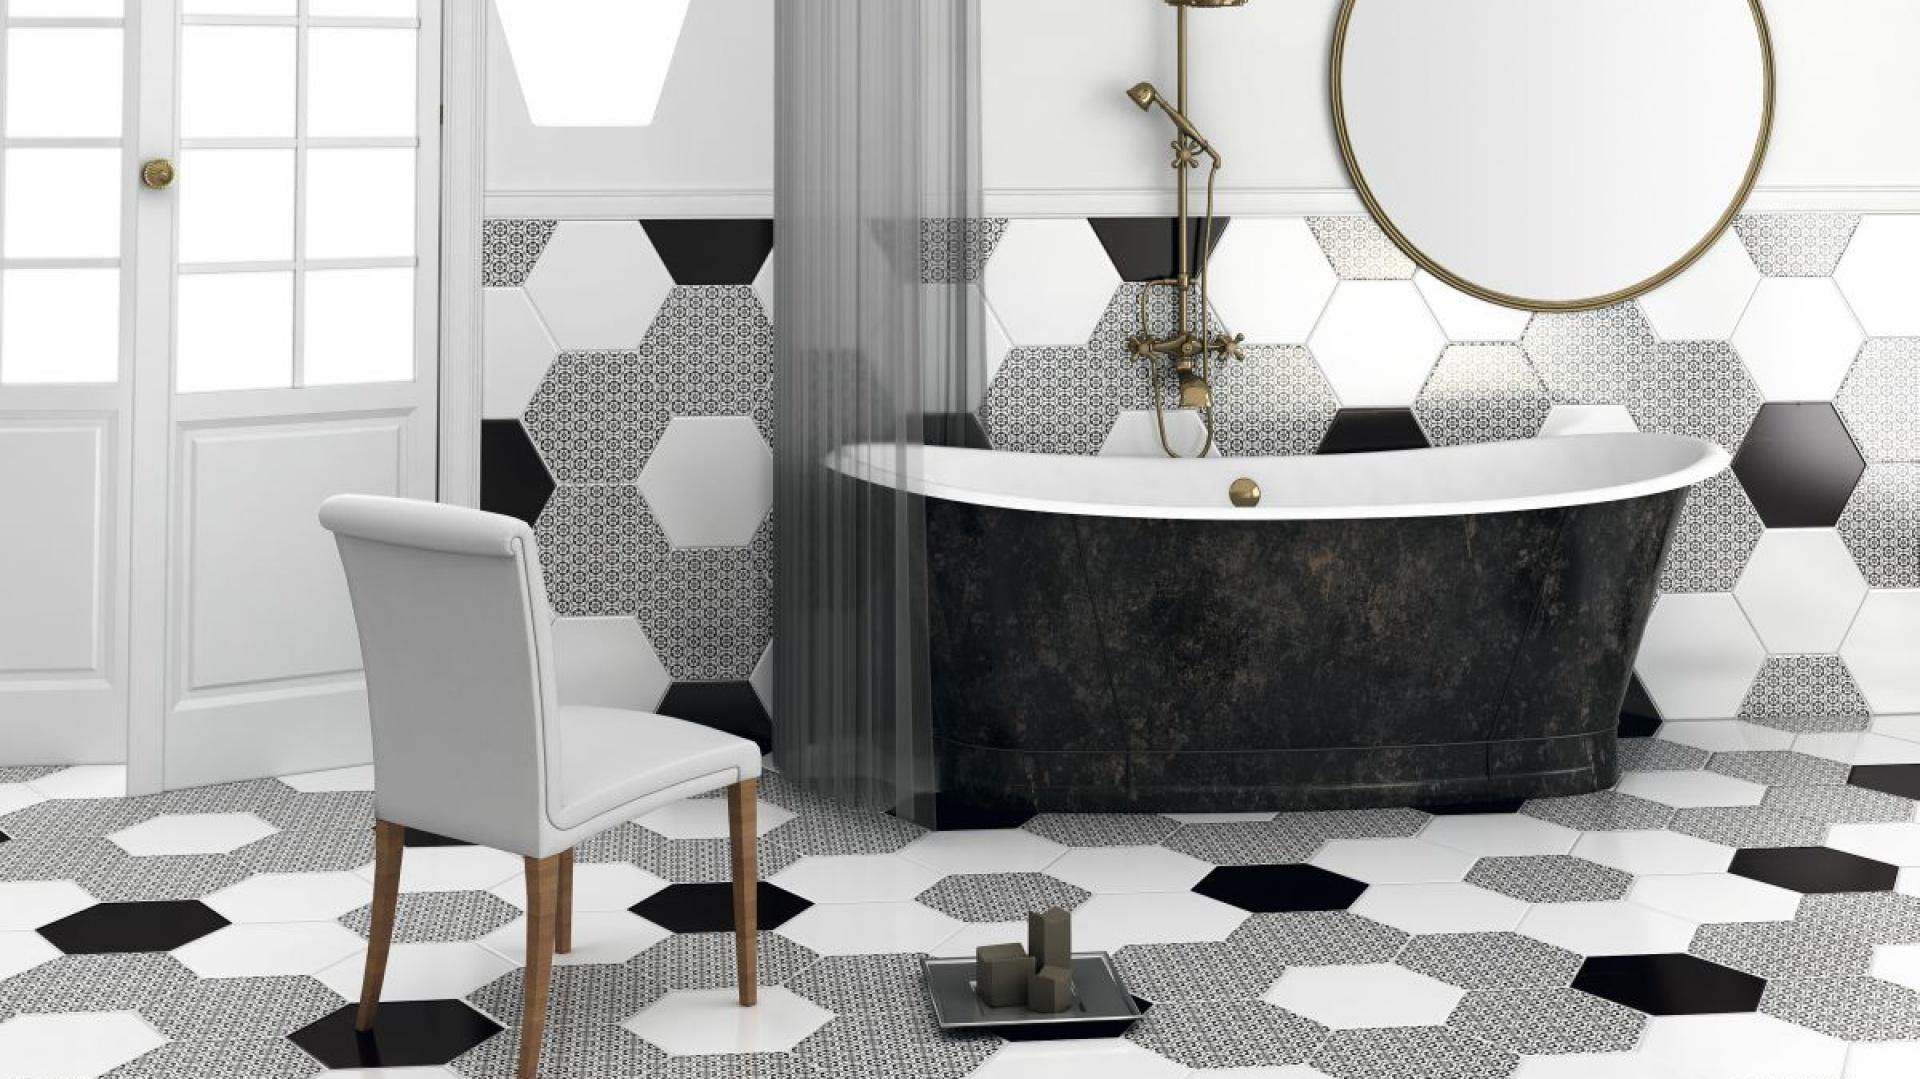 Najpopularniejszym zastosowaniem sześciokątów są heksagonalne płytki ceramiczne. Tutaj w monochromatycznej eleganckiej łazience. Fot. Ceranosa